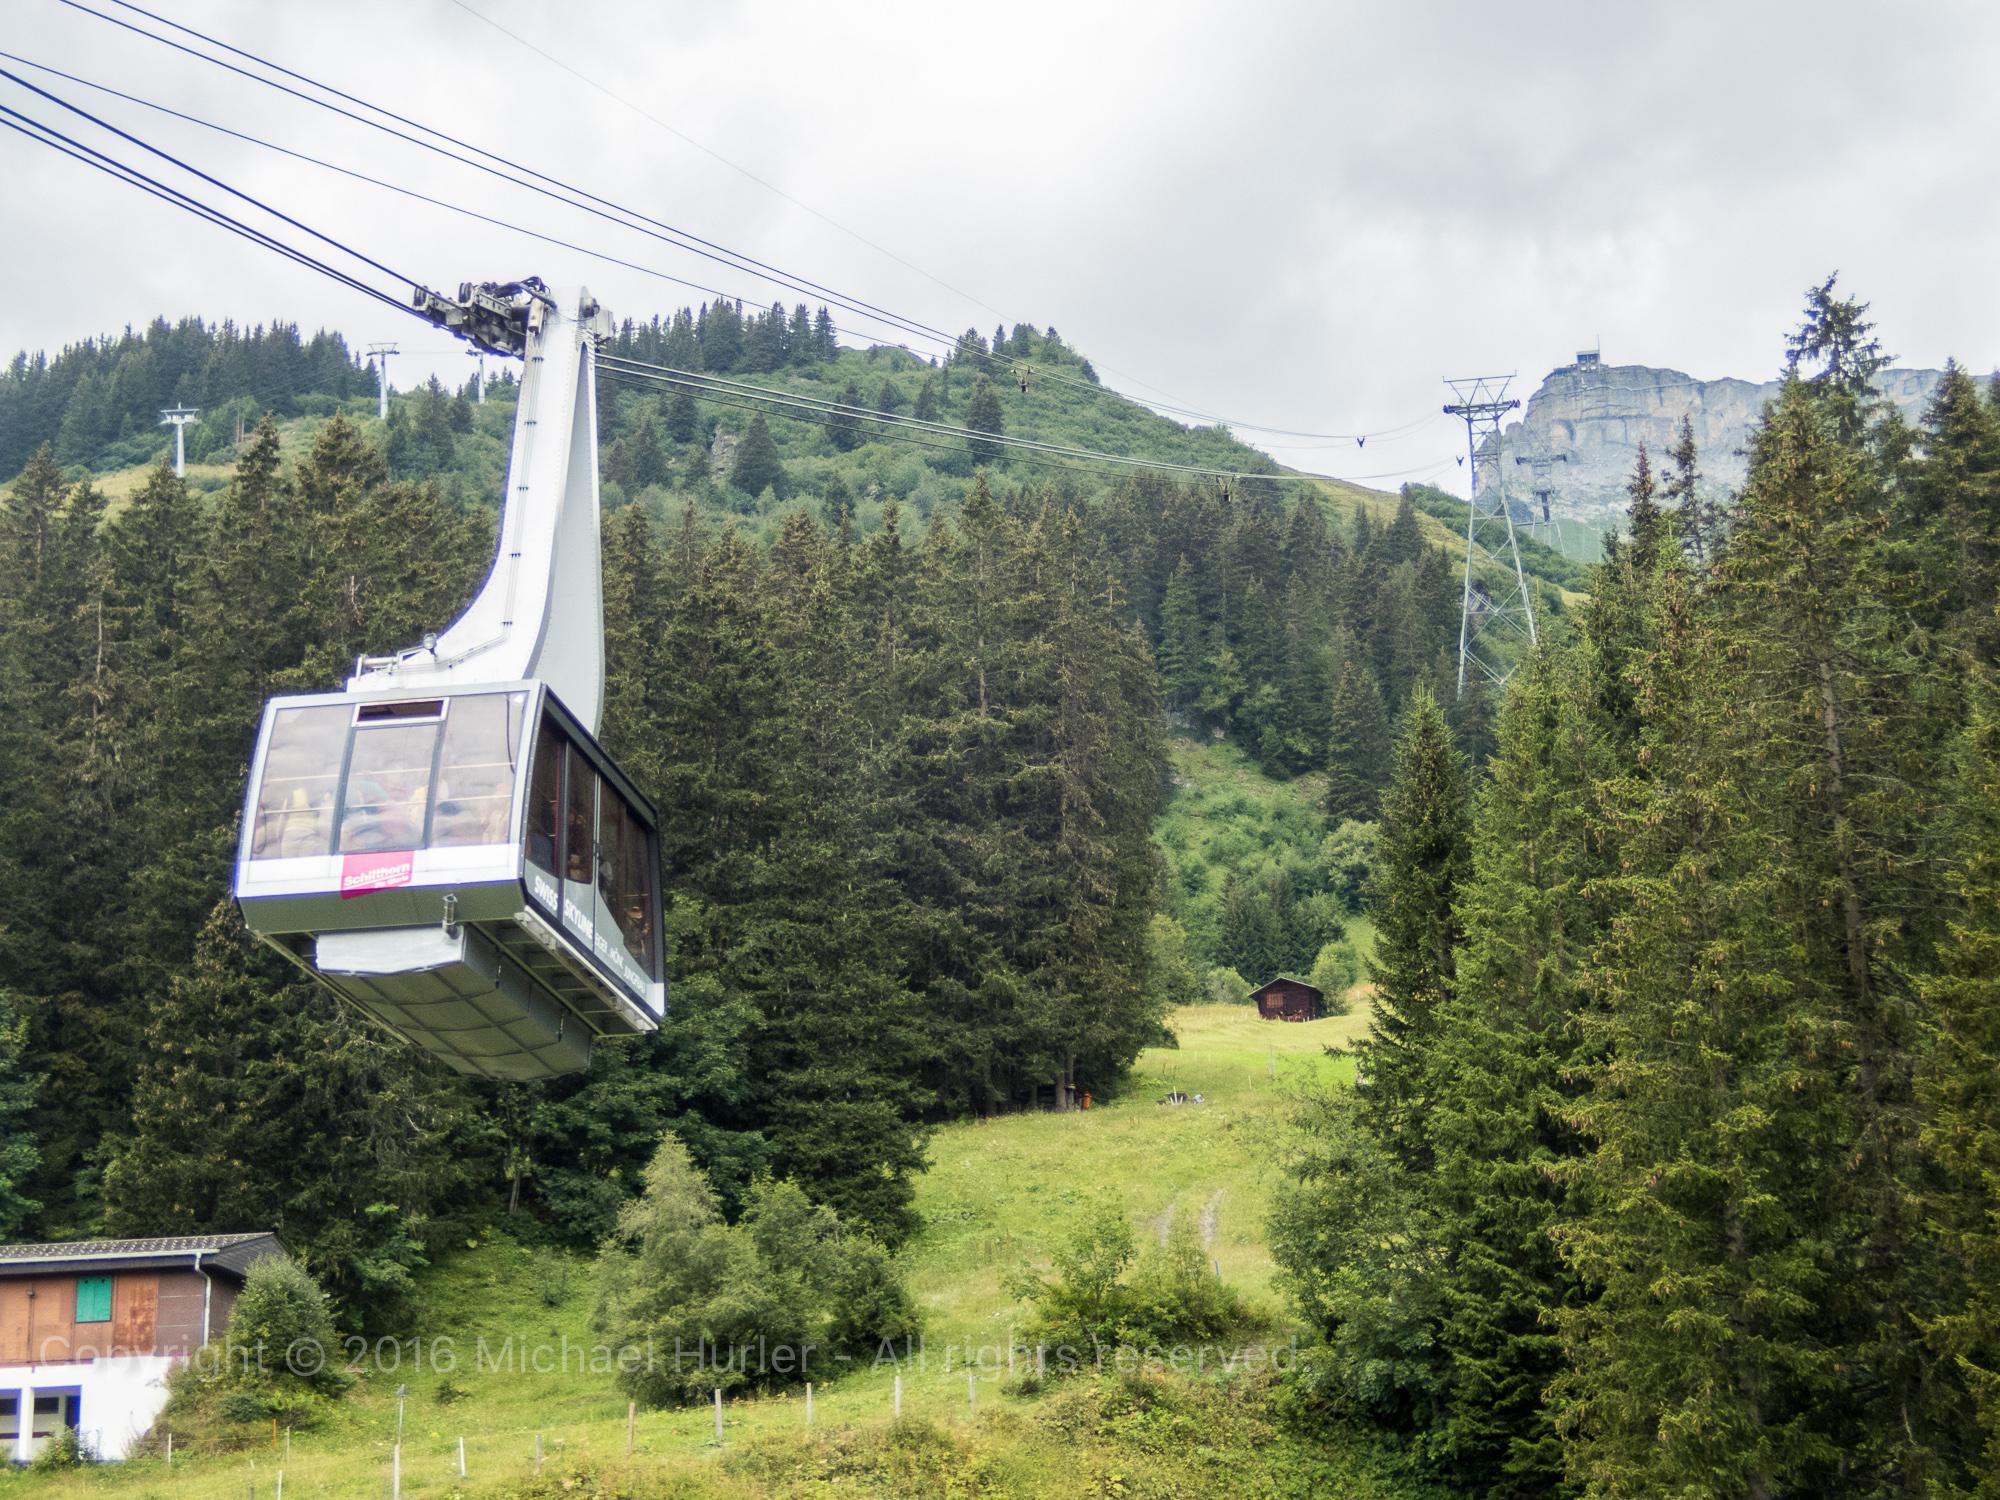 17.08.2016, Bärentrek - Von Mürren nach Kandersteg, In Mürren